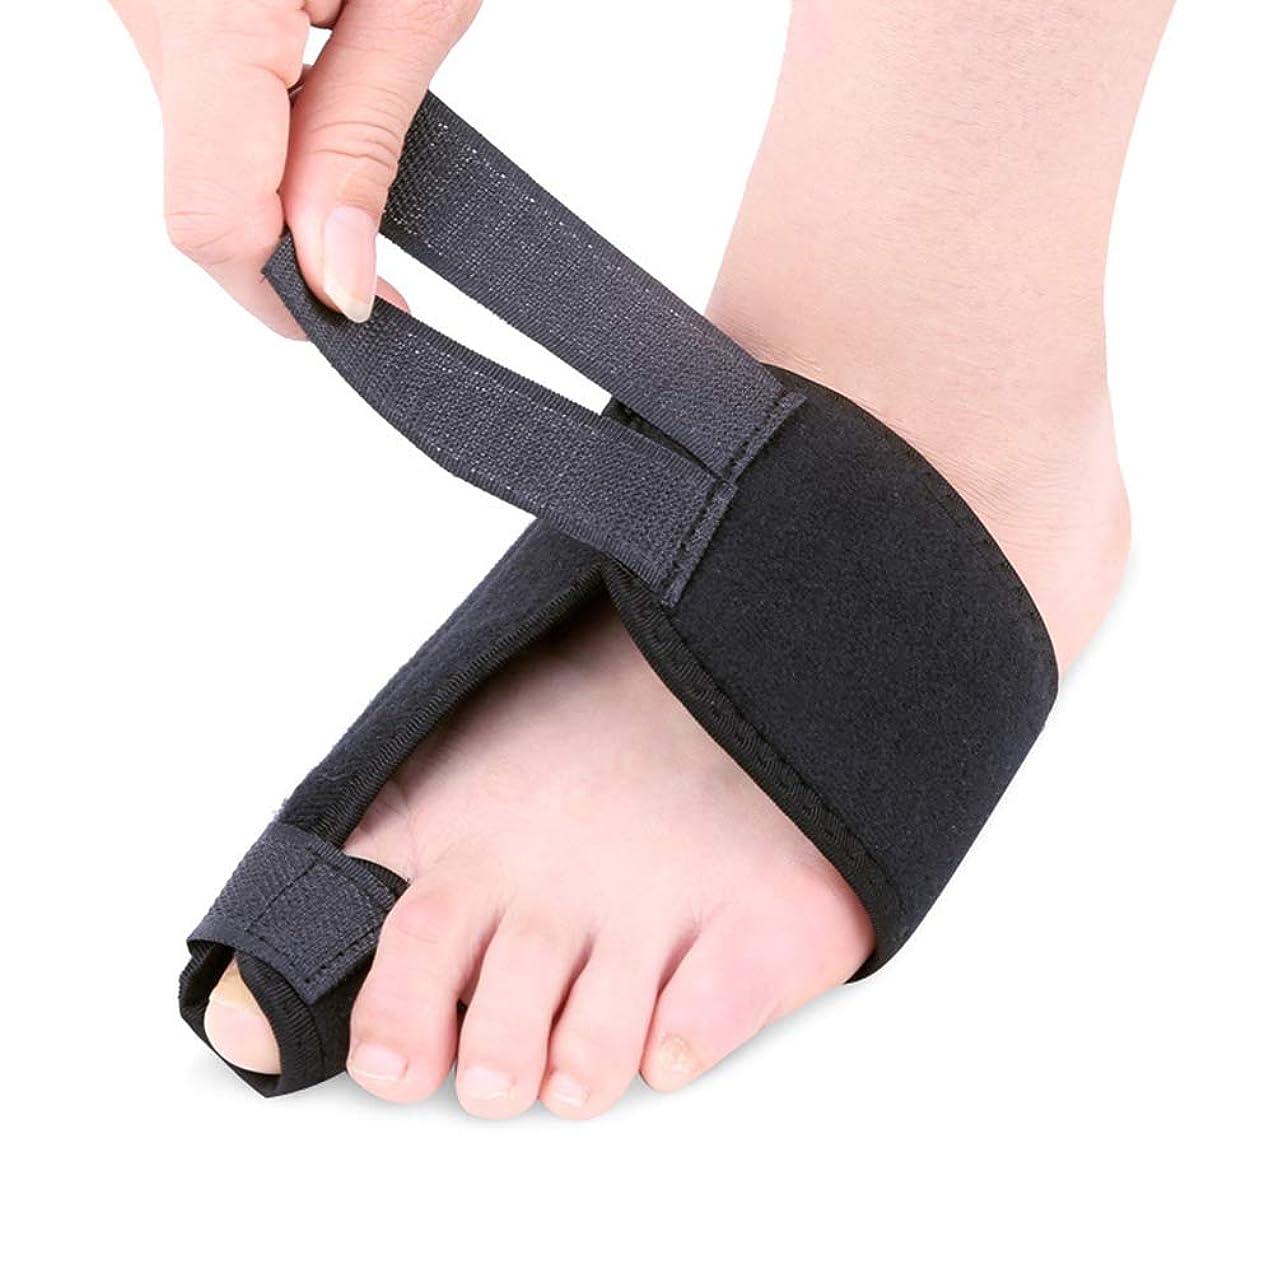 重要性好色な幽霊外反母趾足指セパレーターは足指重複嚢胞通気性吸収汗を予防し、ヨガ後の痛みと変形を軽減,M